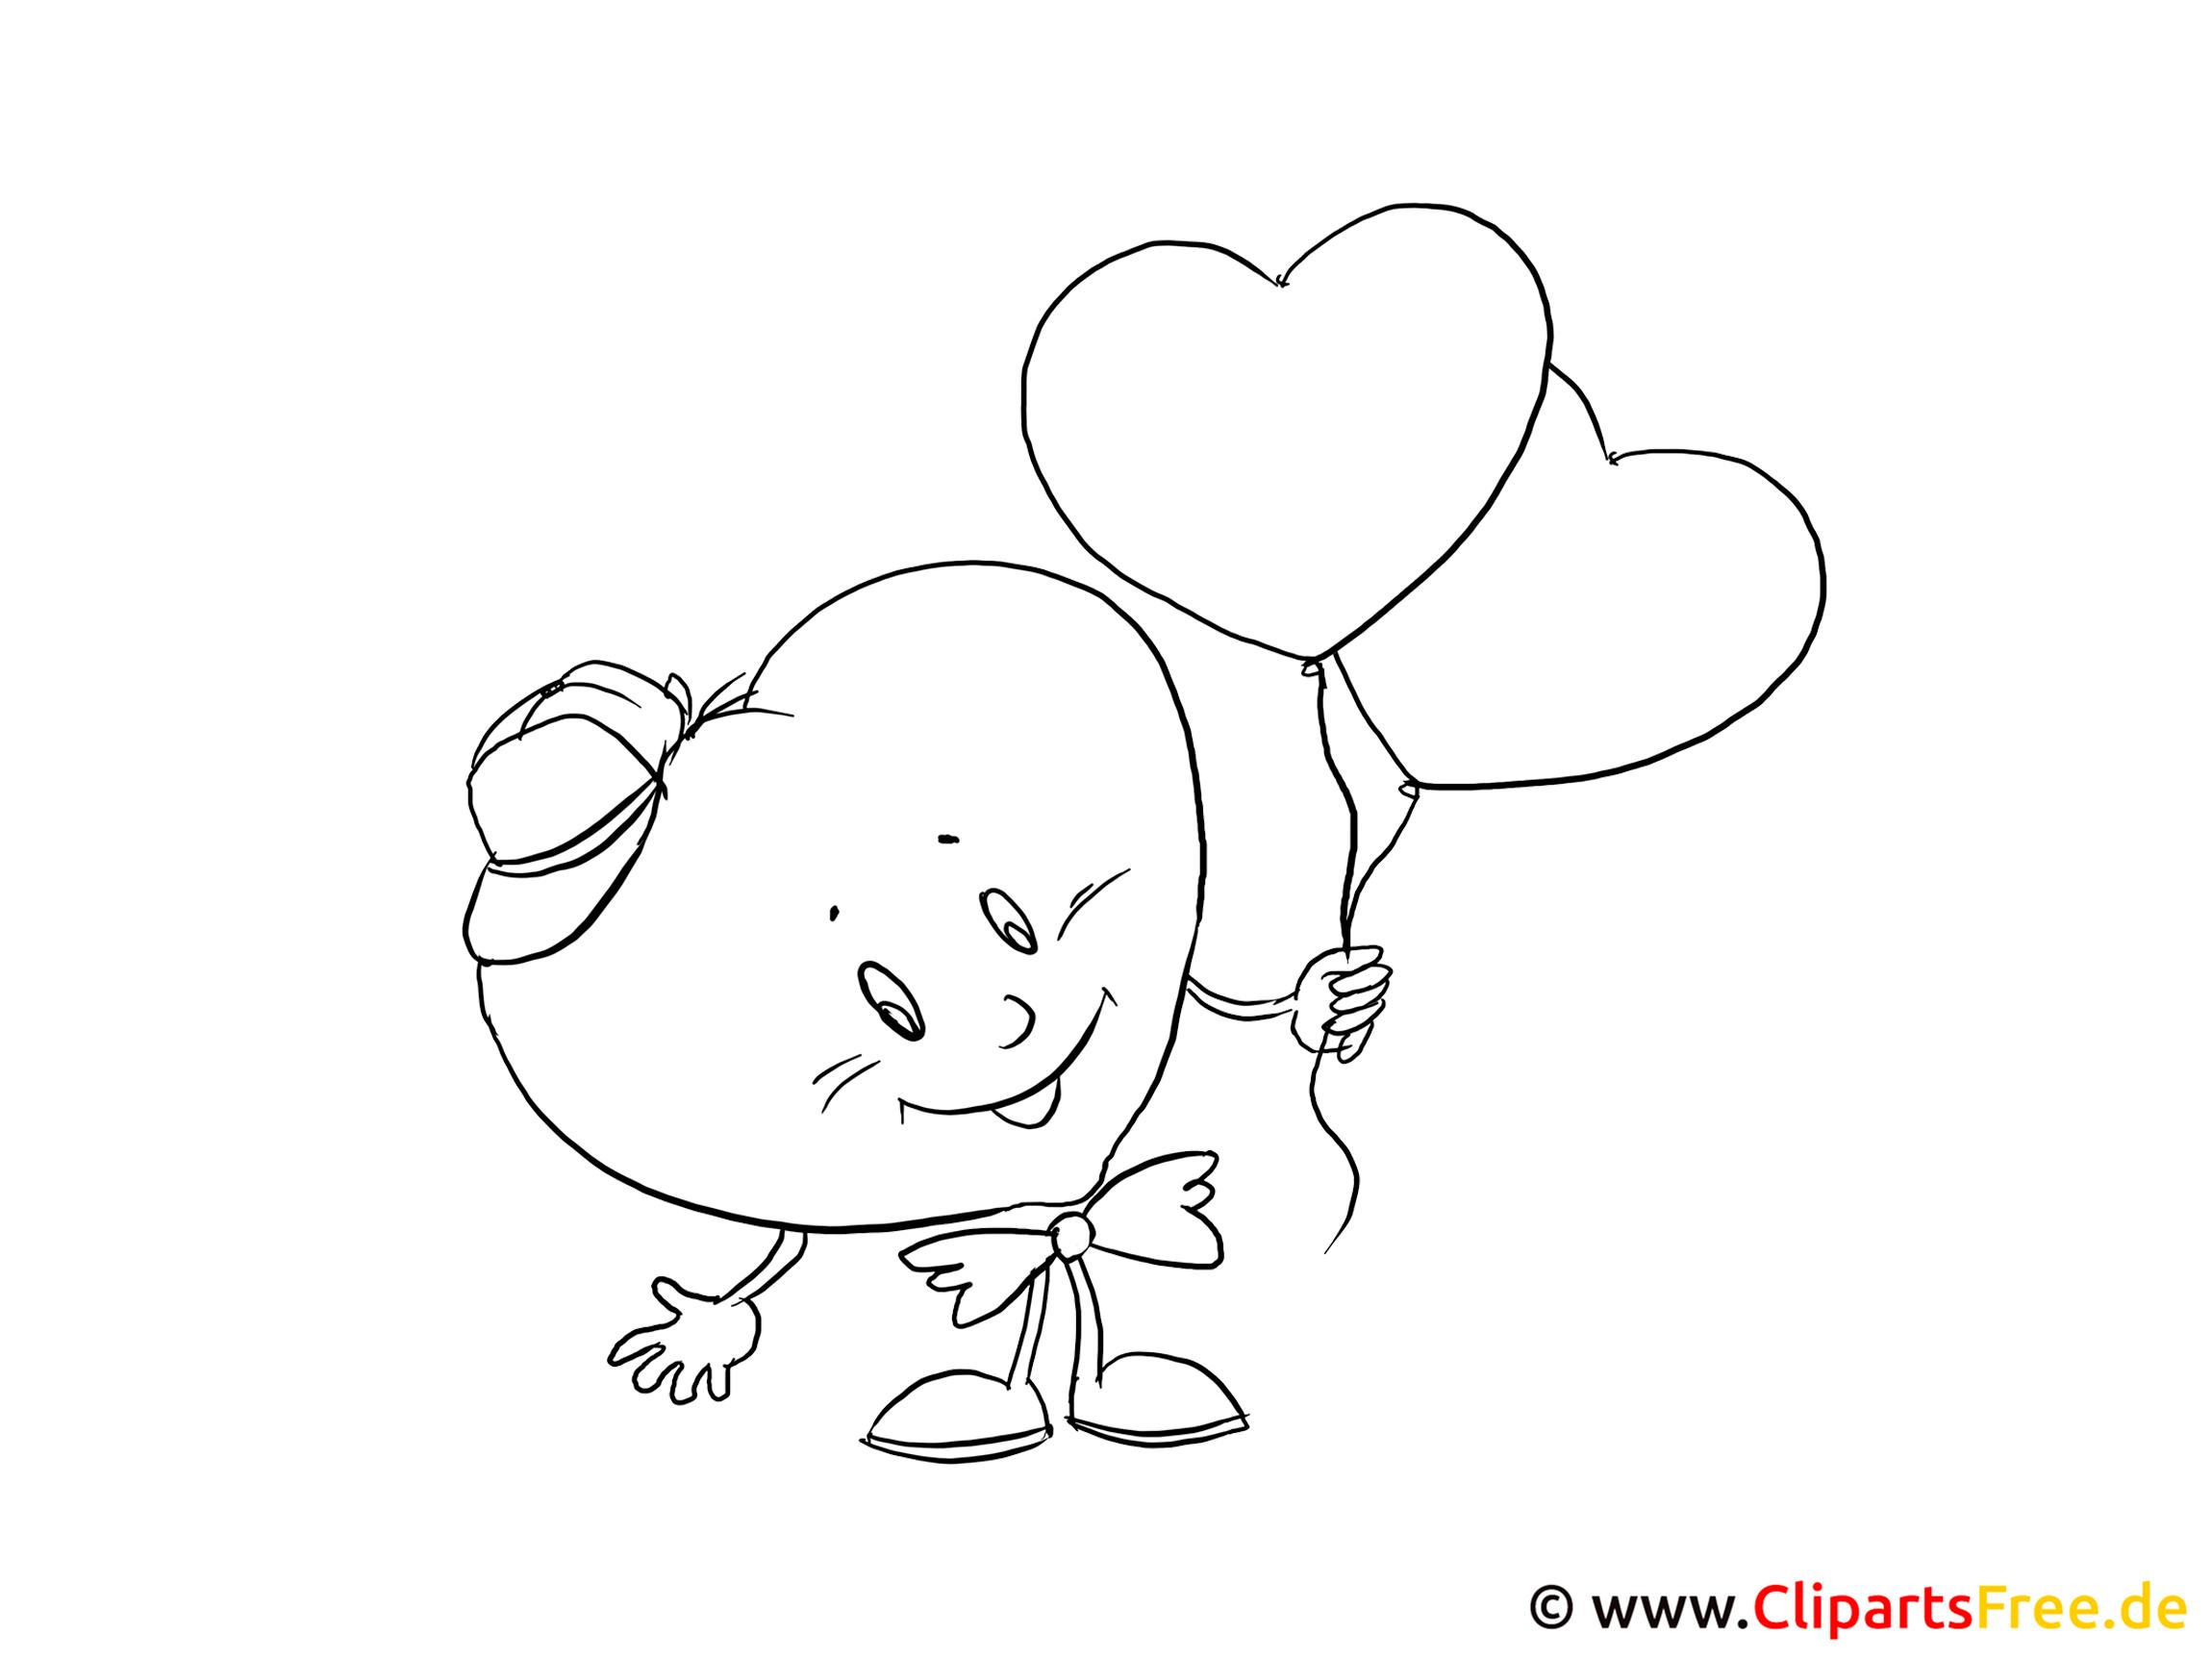 Malvorlage Cartoon Herz